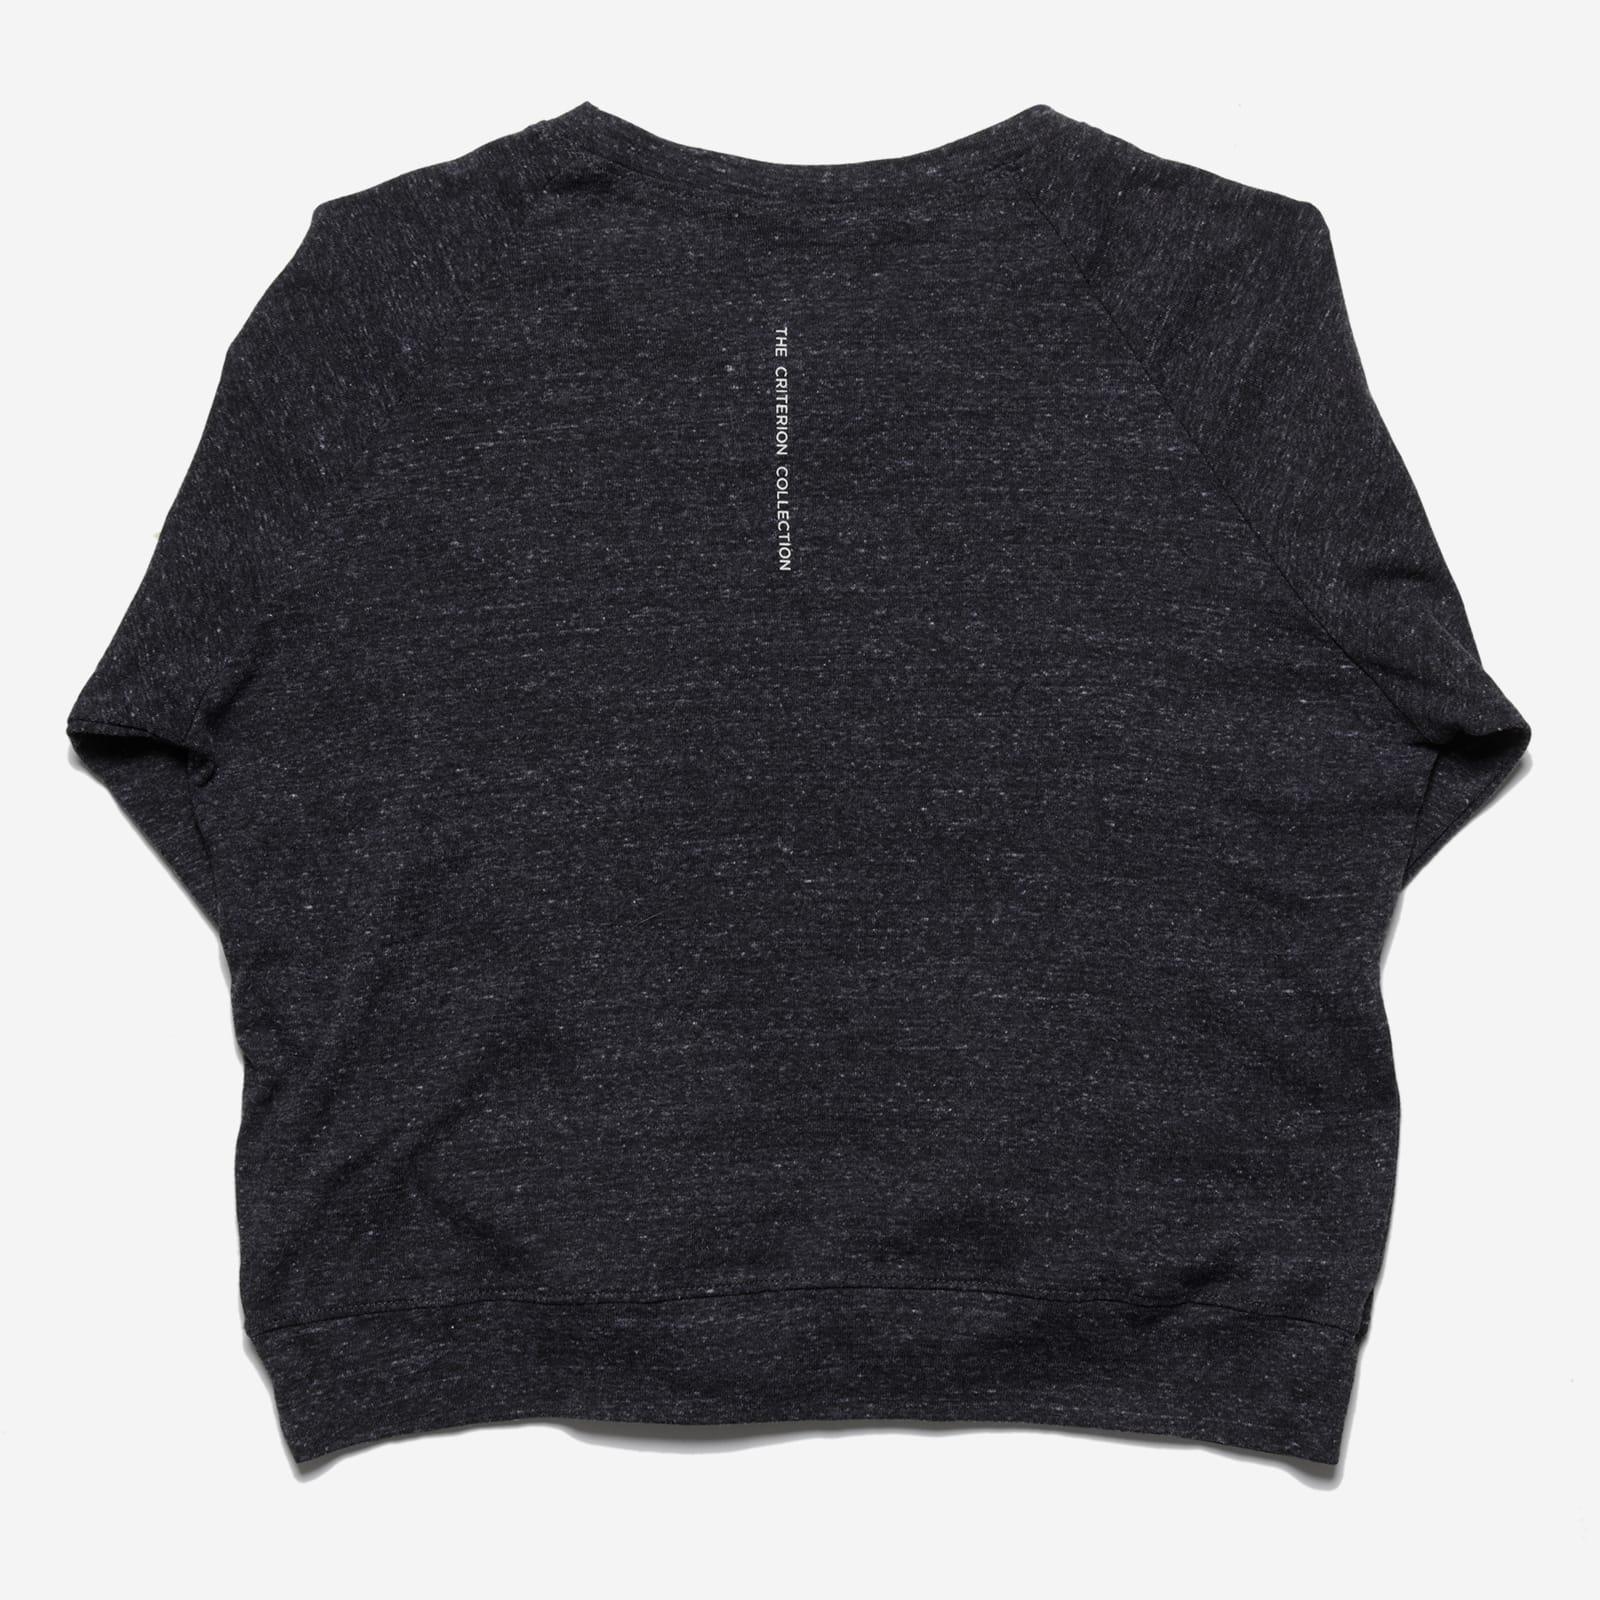 Women's Criterion Raglan Sleeve T-shirt